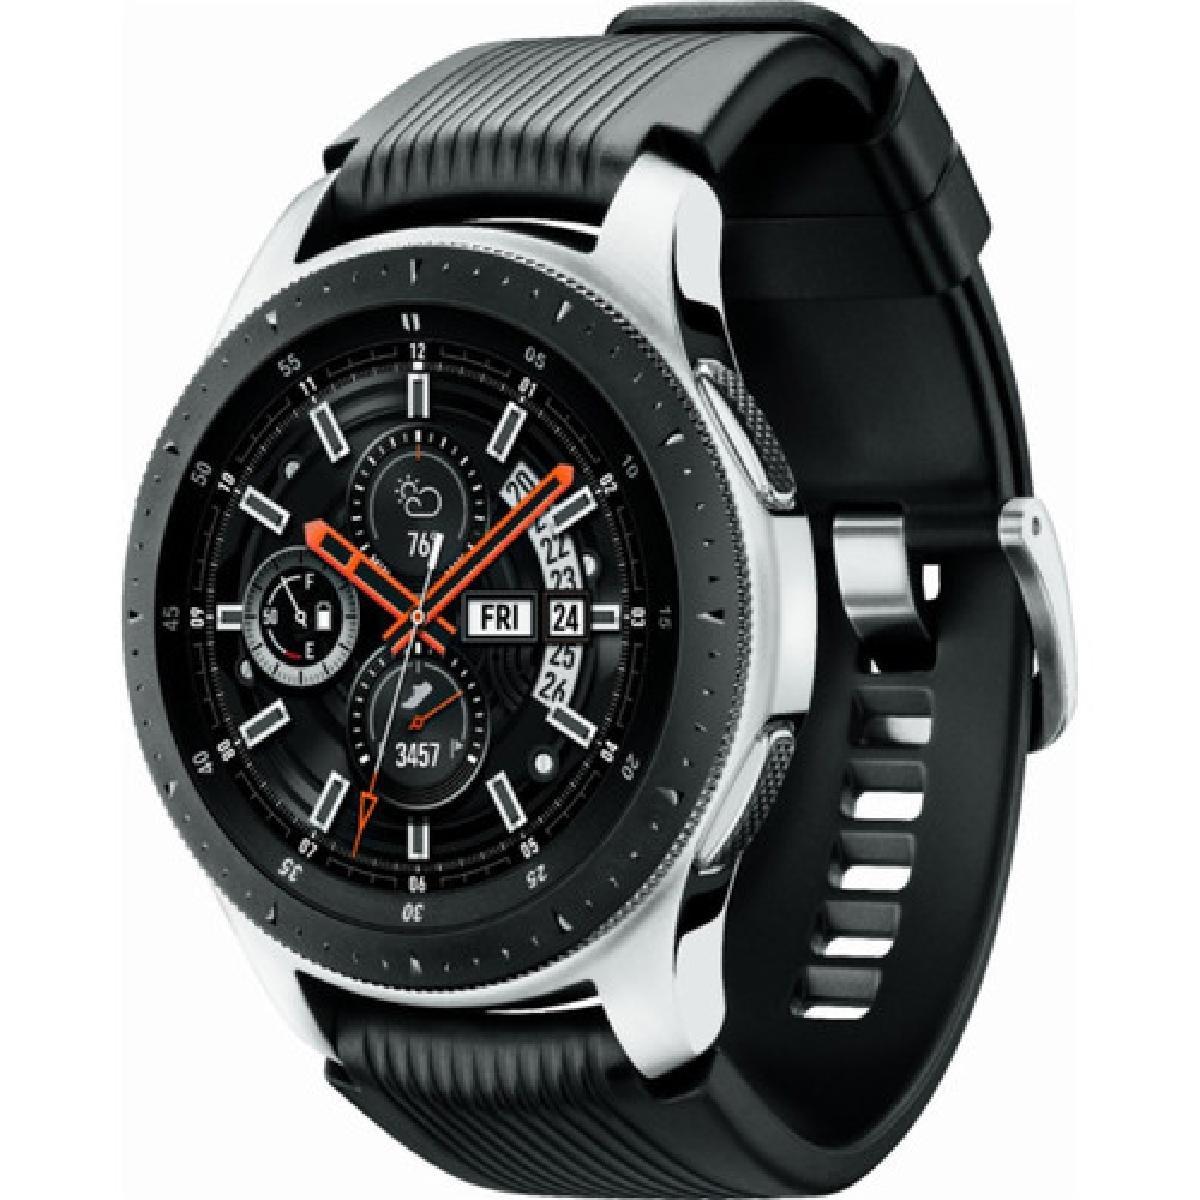 Samsung Galaxy Watch SM-R800 46mm Silver Case Classic